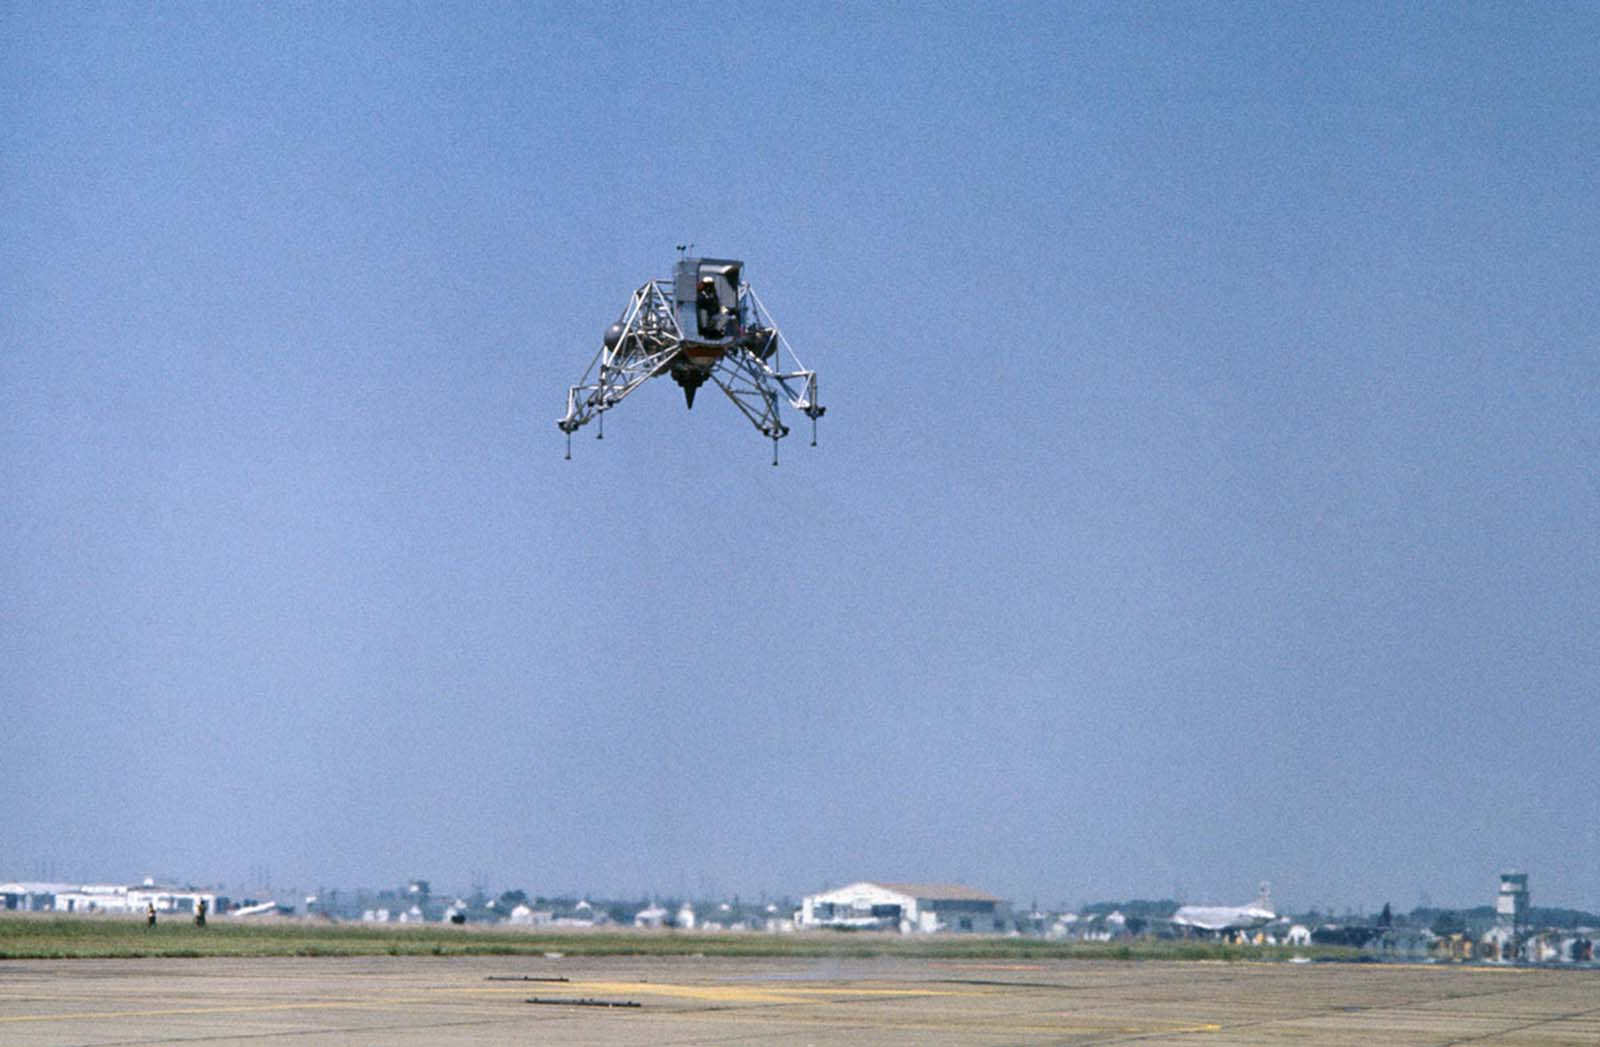 Нил Армстронг летит на учебно-тренировочном корабле